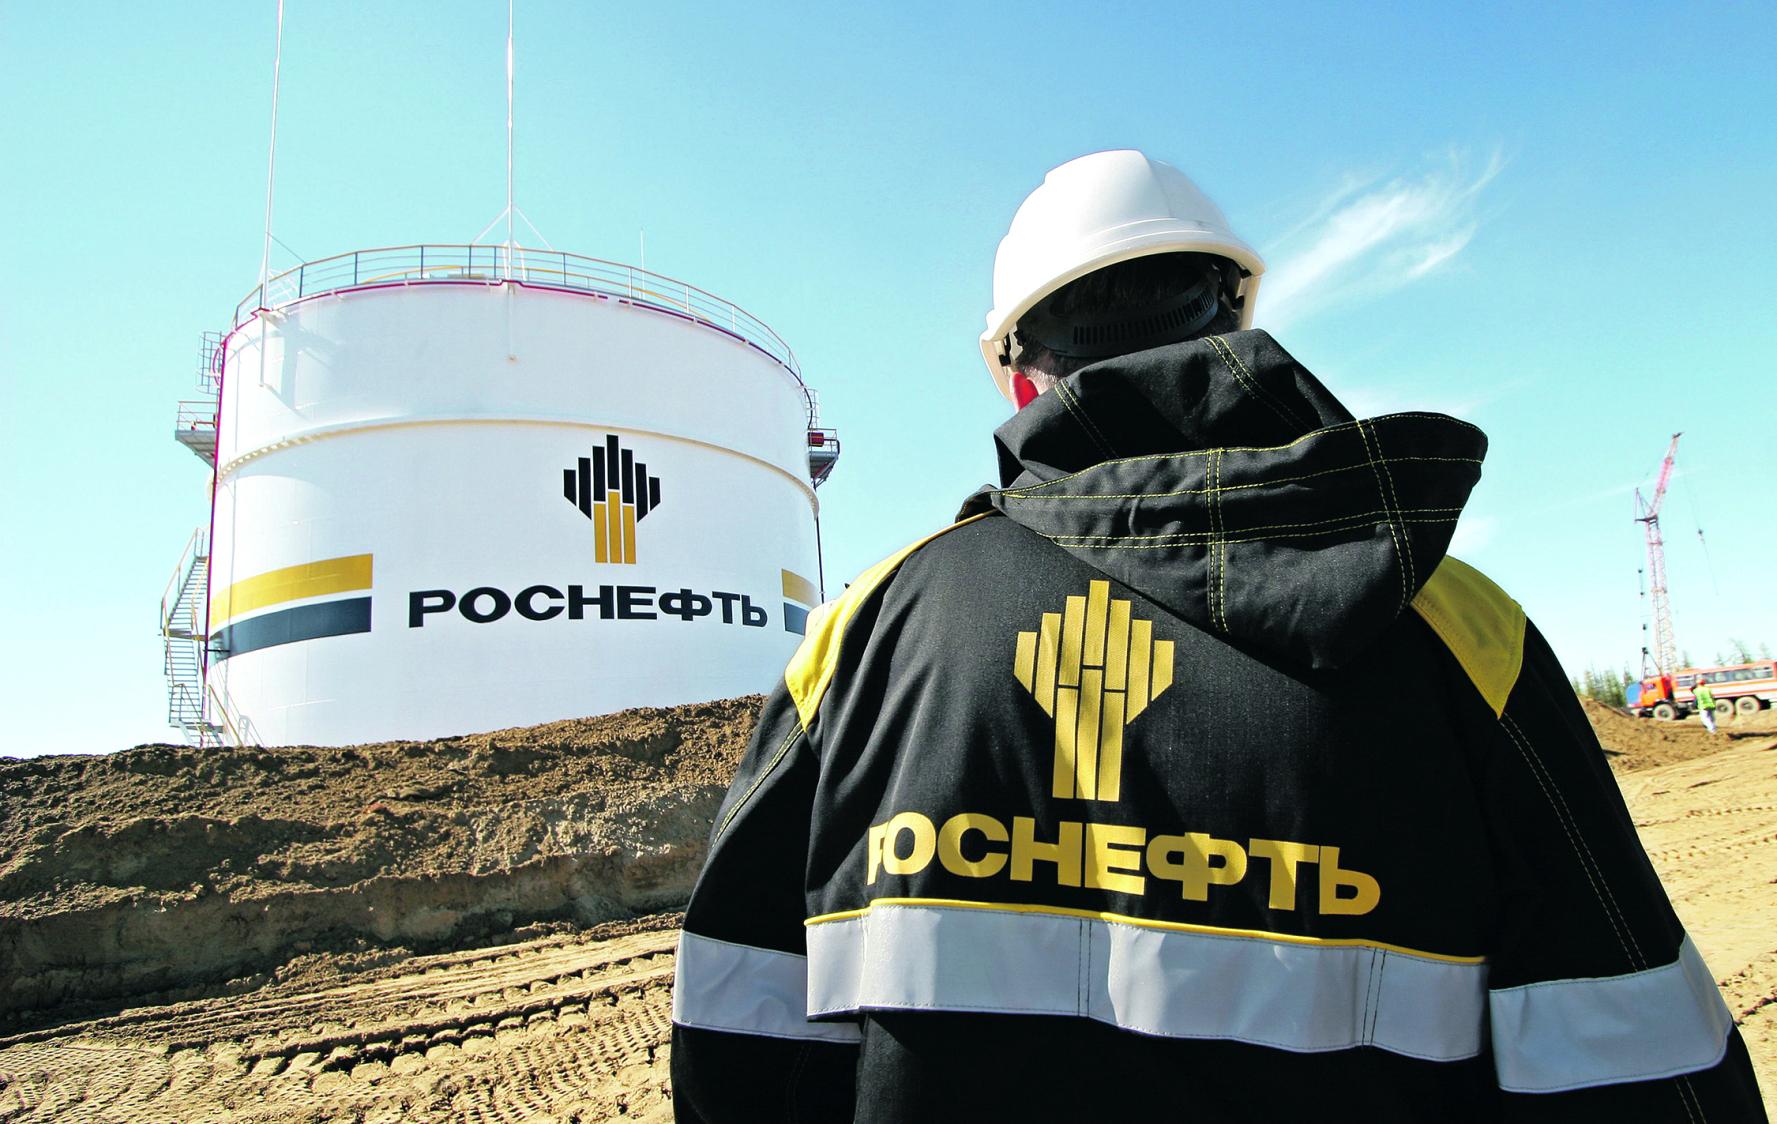 «Роснефть» выполнит все обязательства по поставкам несмотря на сокращение добычи